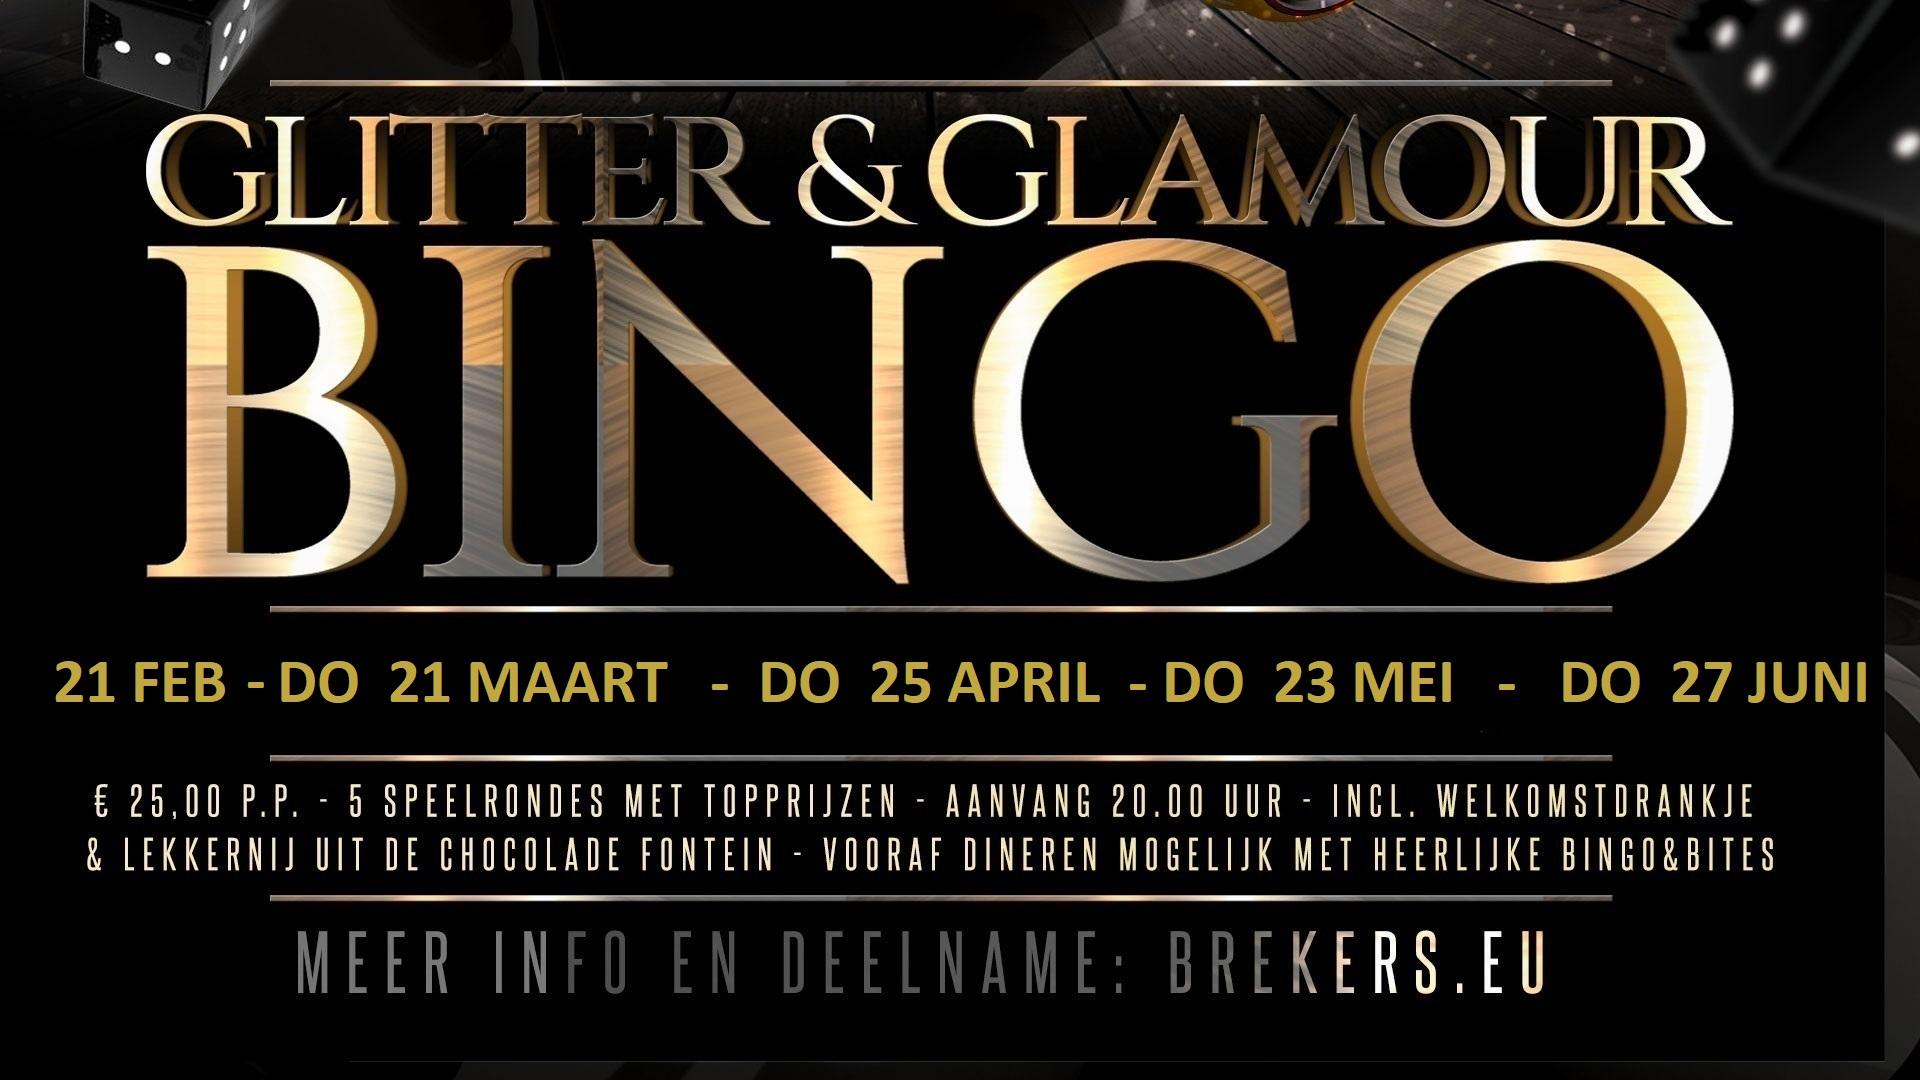 Glitter & Glamour Bingo 21 februari